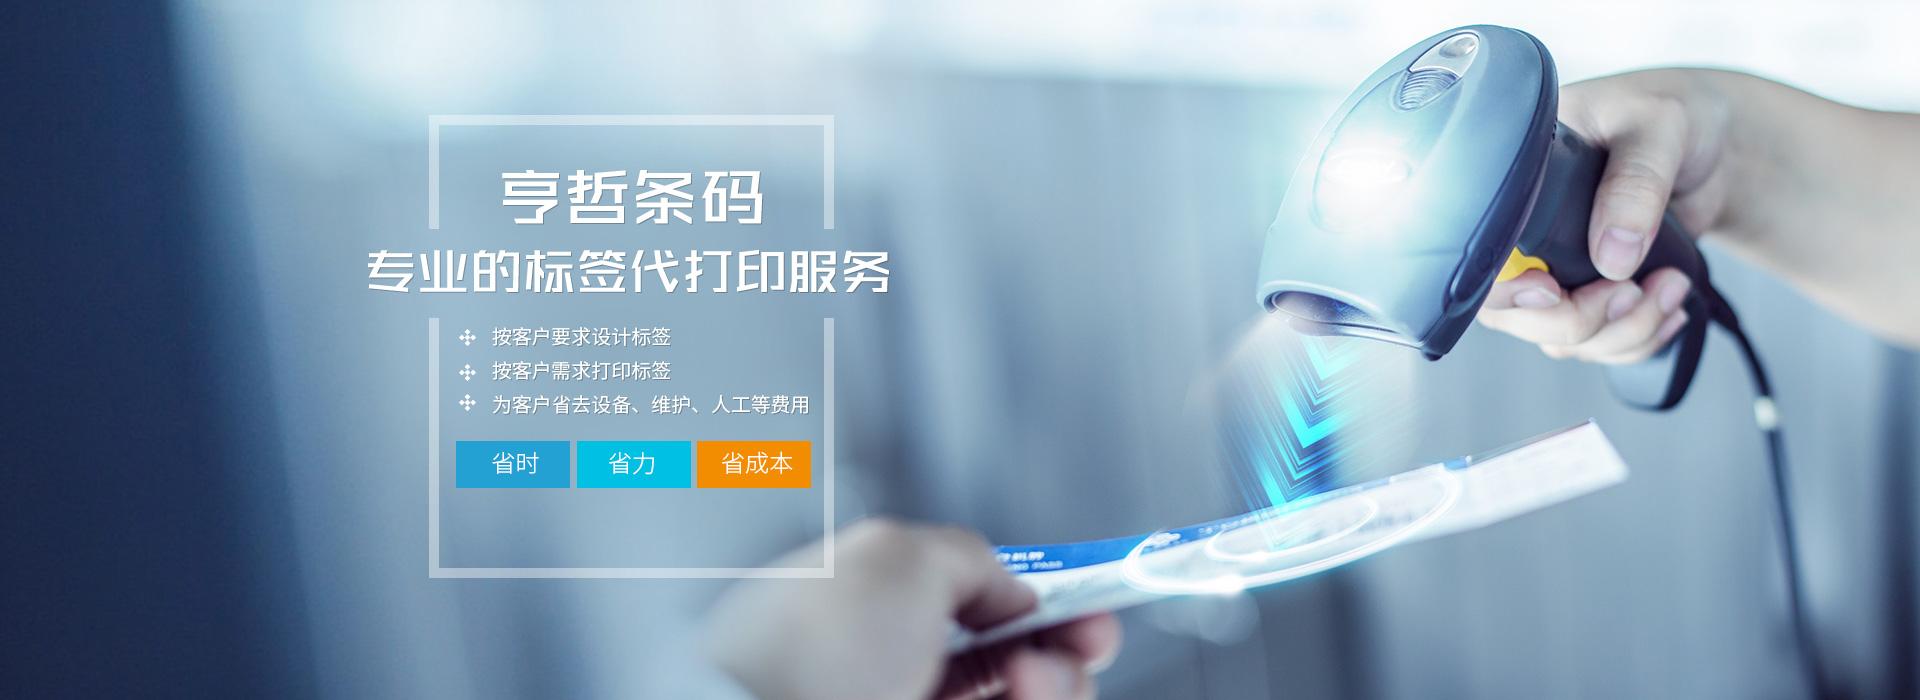 上海條碼掃描器